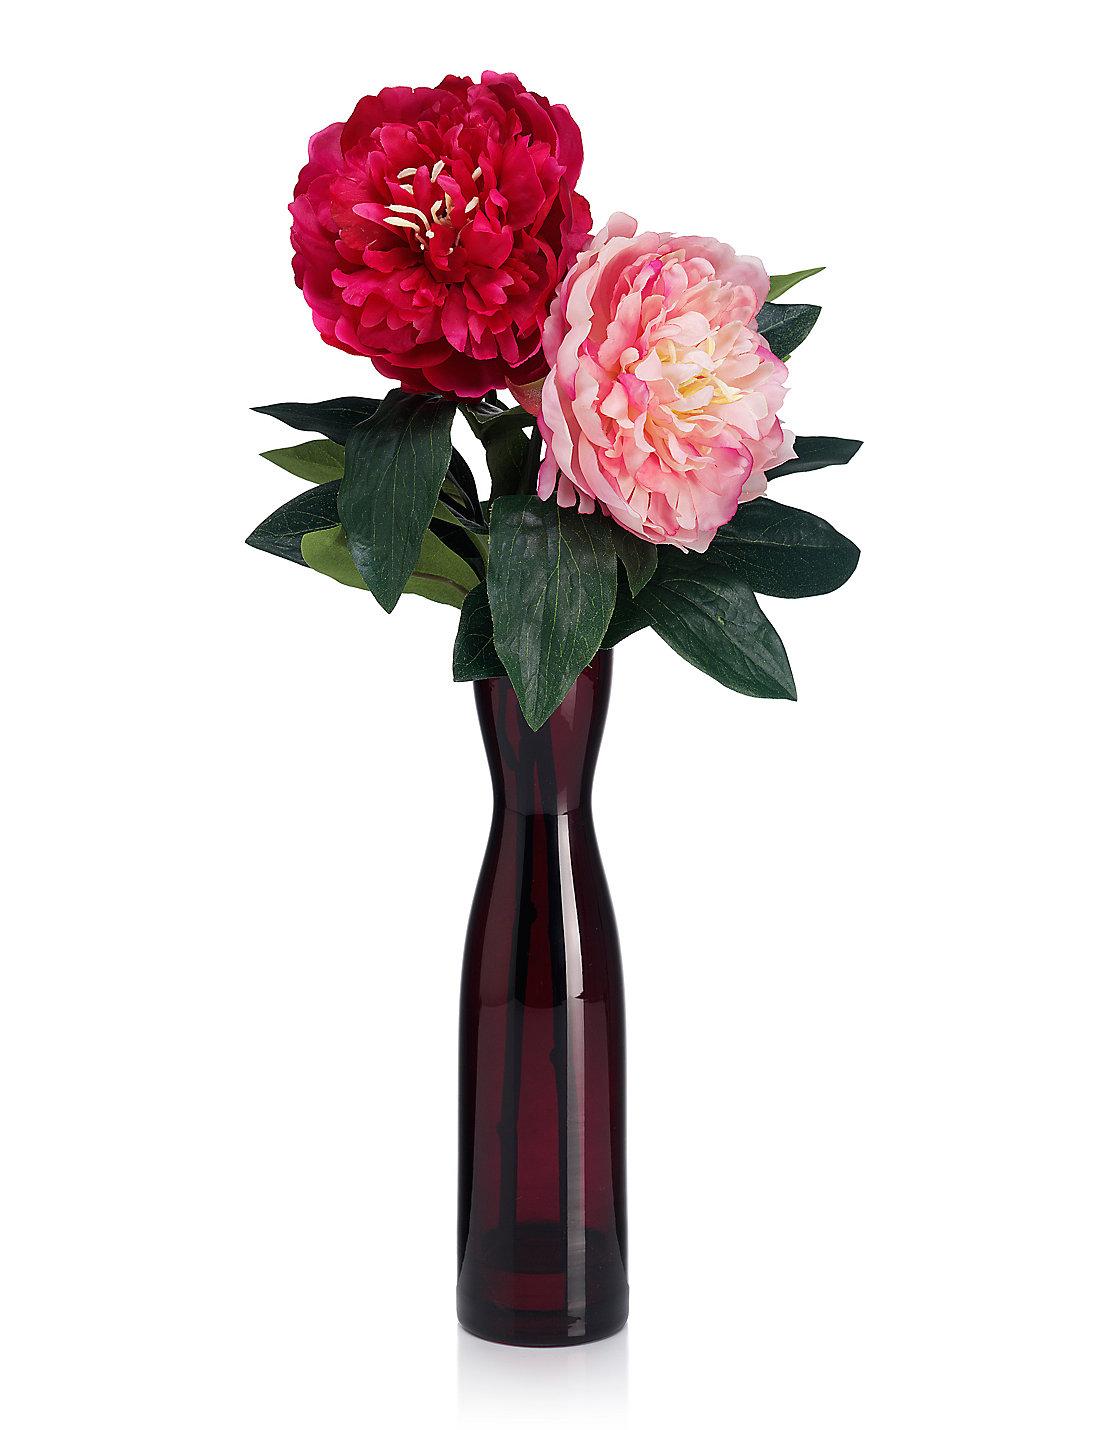 Artificial peonies in vase ms artificial peonies in vase reviewsmspy